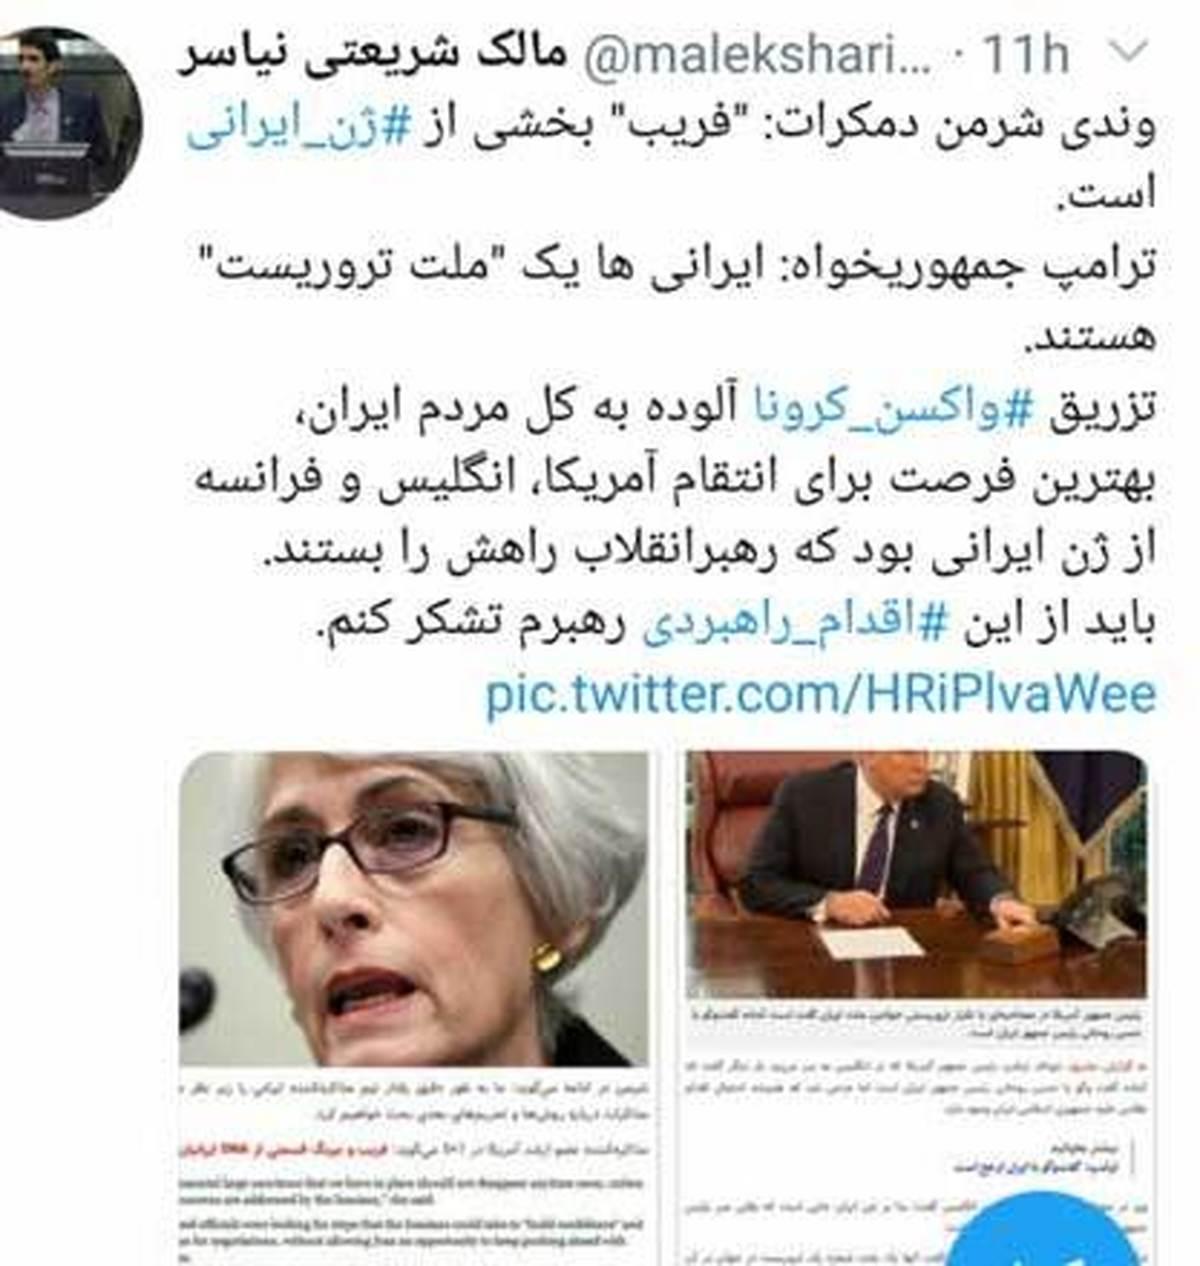 نظر جالب دو تن از نمایندگان تهران درباره واکسن آمریکایی